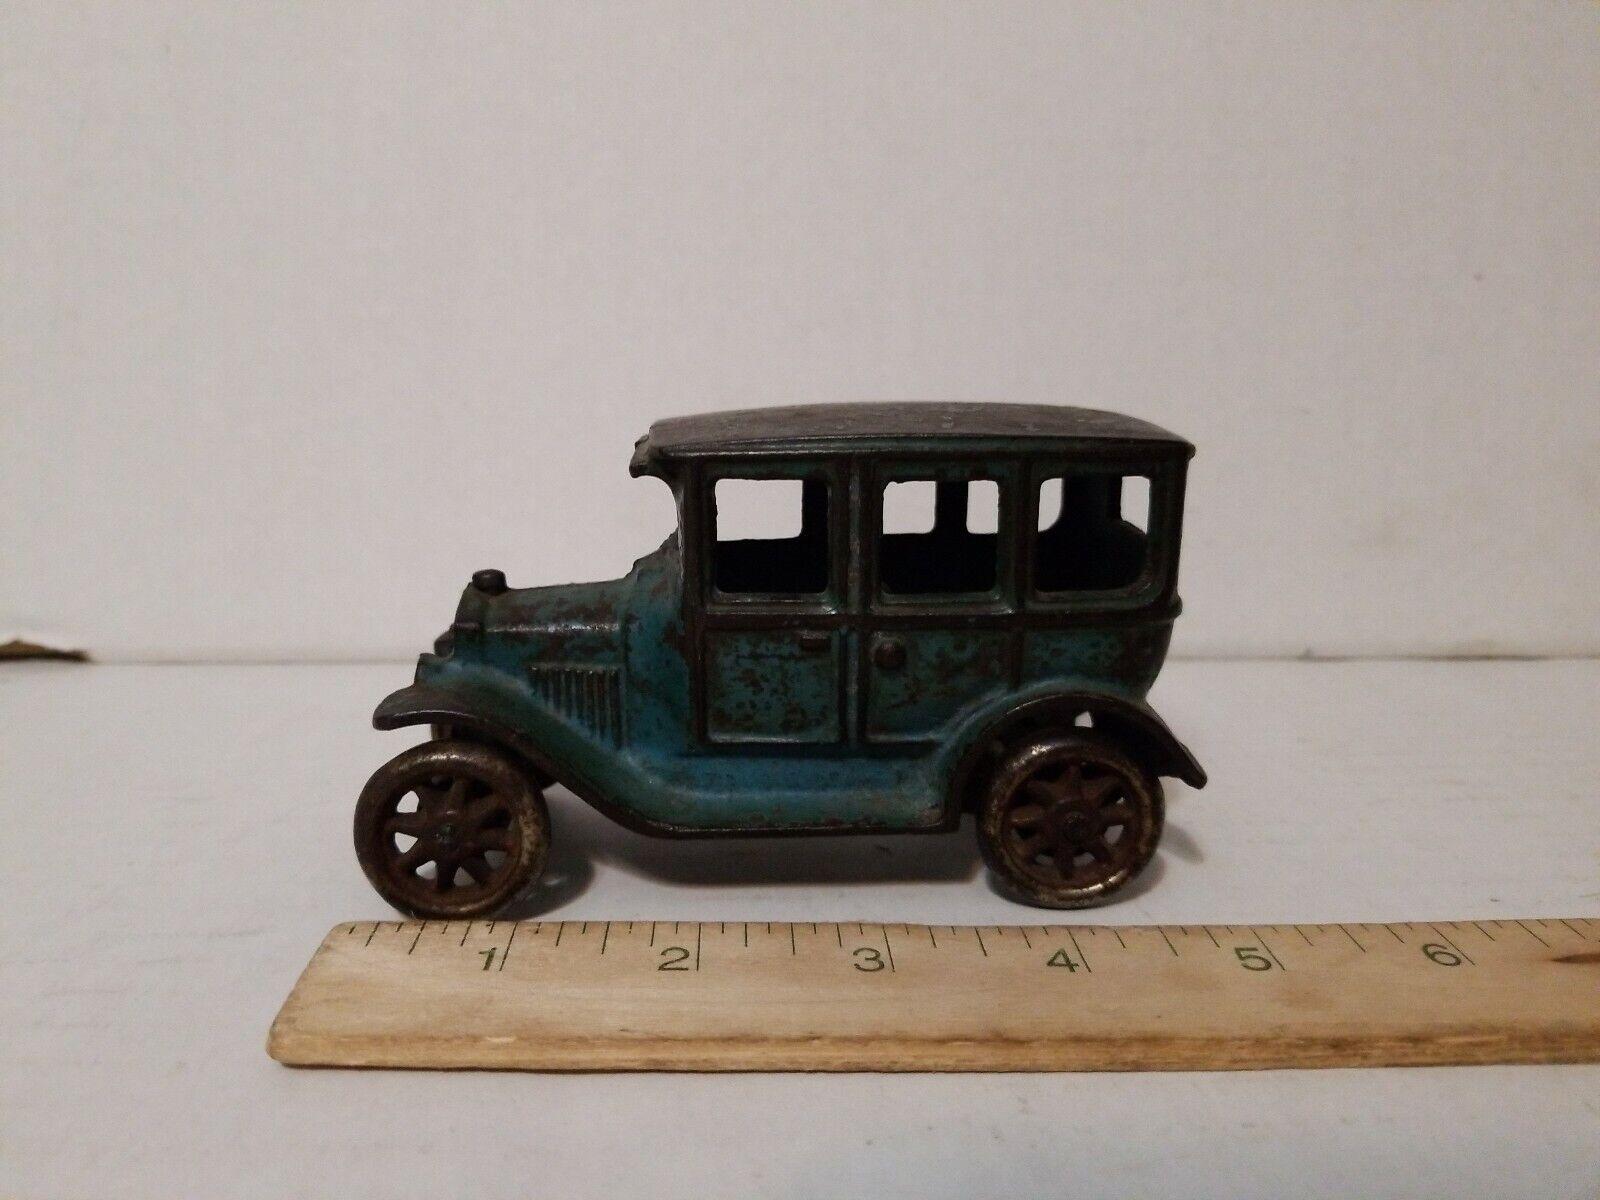 ARCADE CAST IRON 1928 FORD modello T SEDAN 4 door 5  giocattolo ANTIQUE